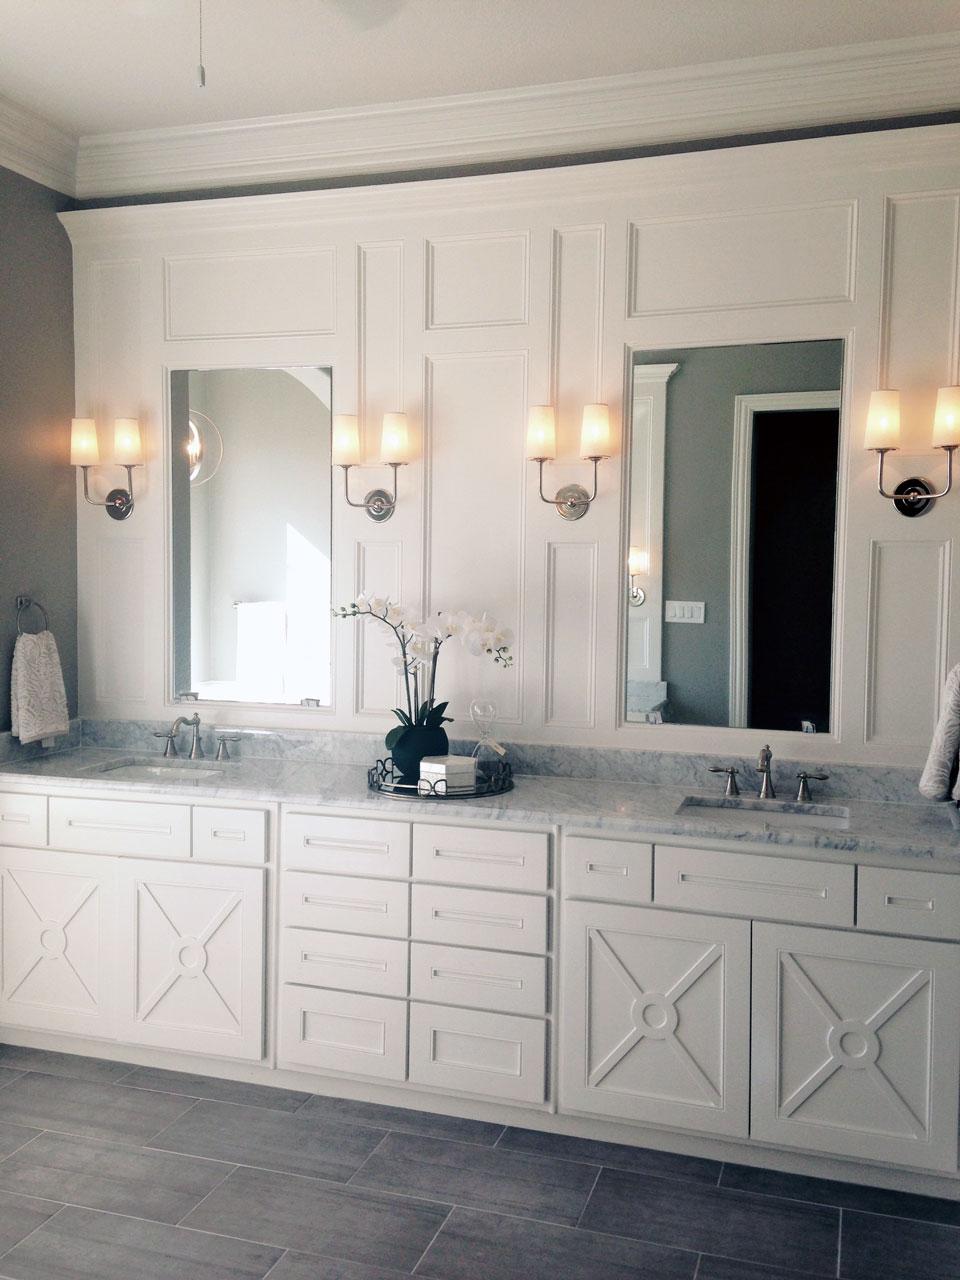 bathroom remodel dallas tx. Master-bathroom-remodel-parker-tx-1.jpg Bathroom Remodel Dallas Tx